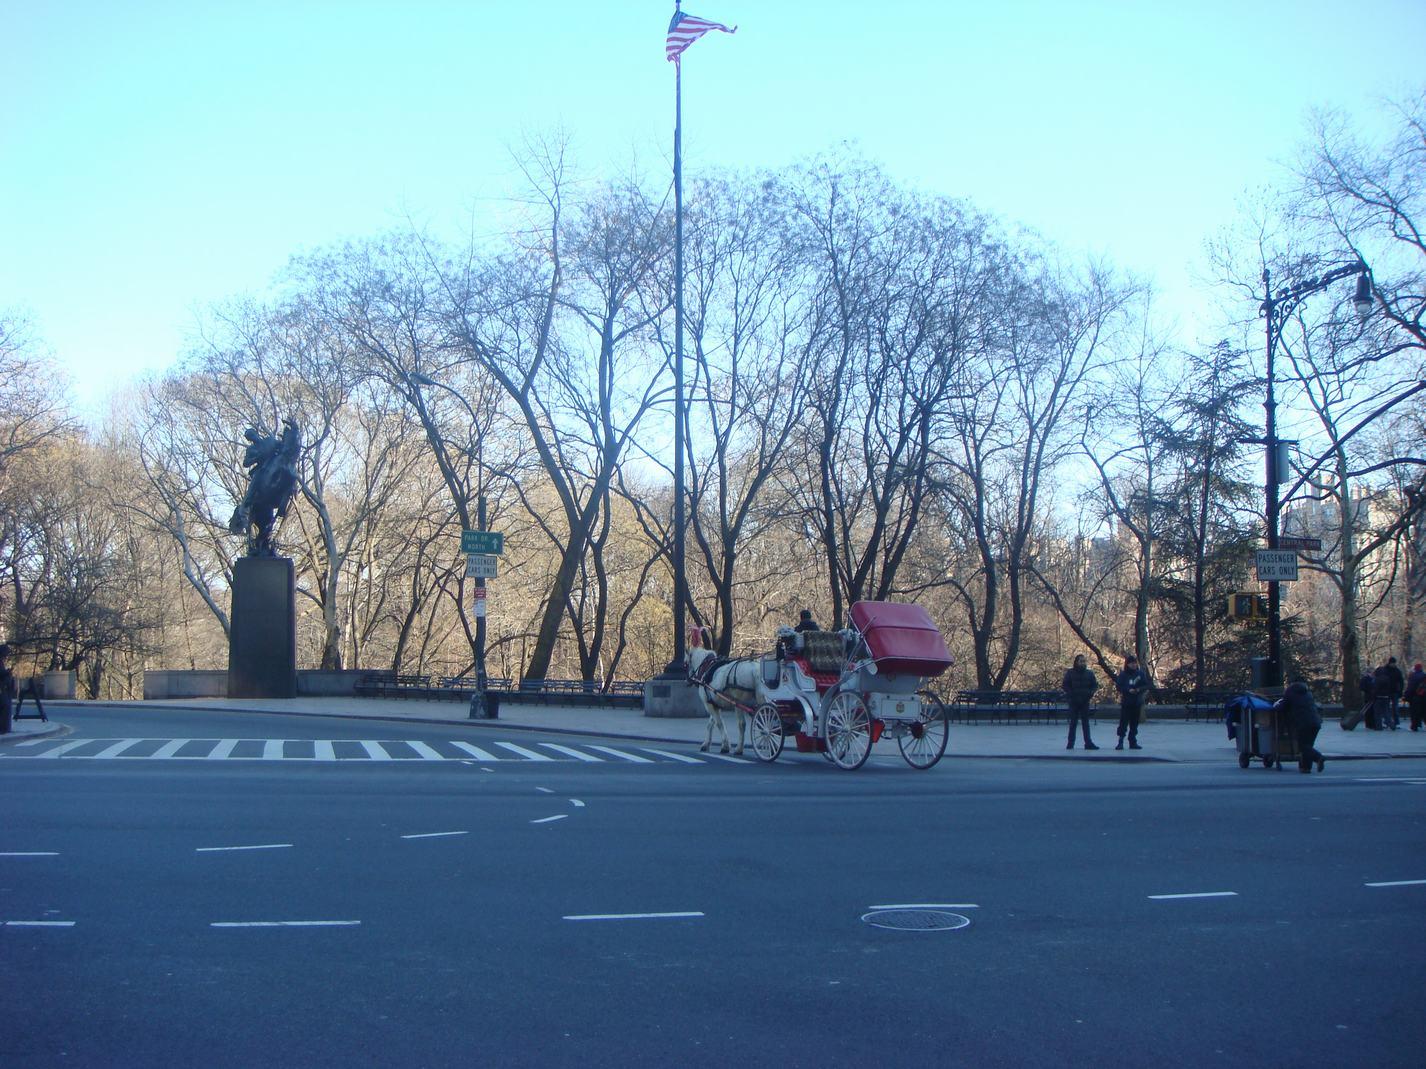 ニューヨークの街の中の散歩、_d0100880_23104546.jpg